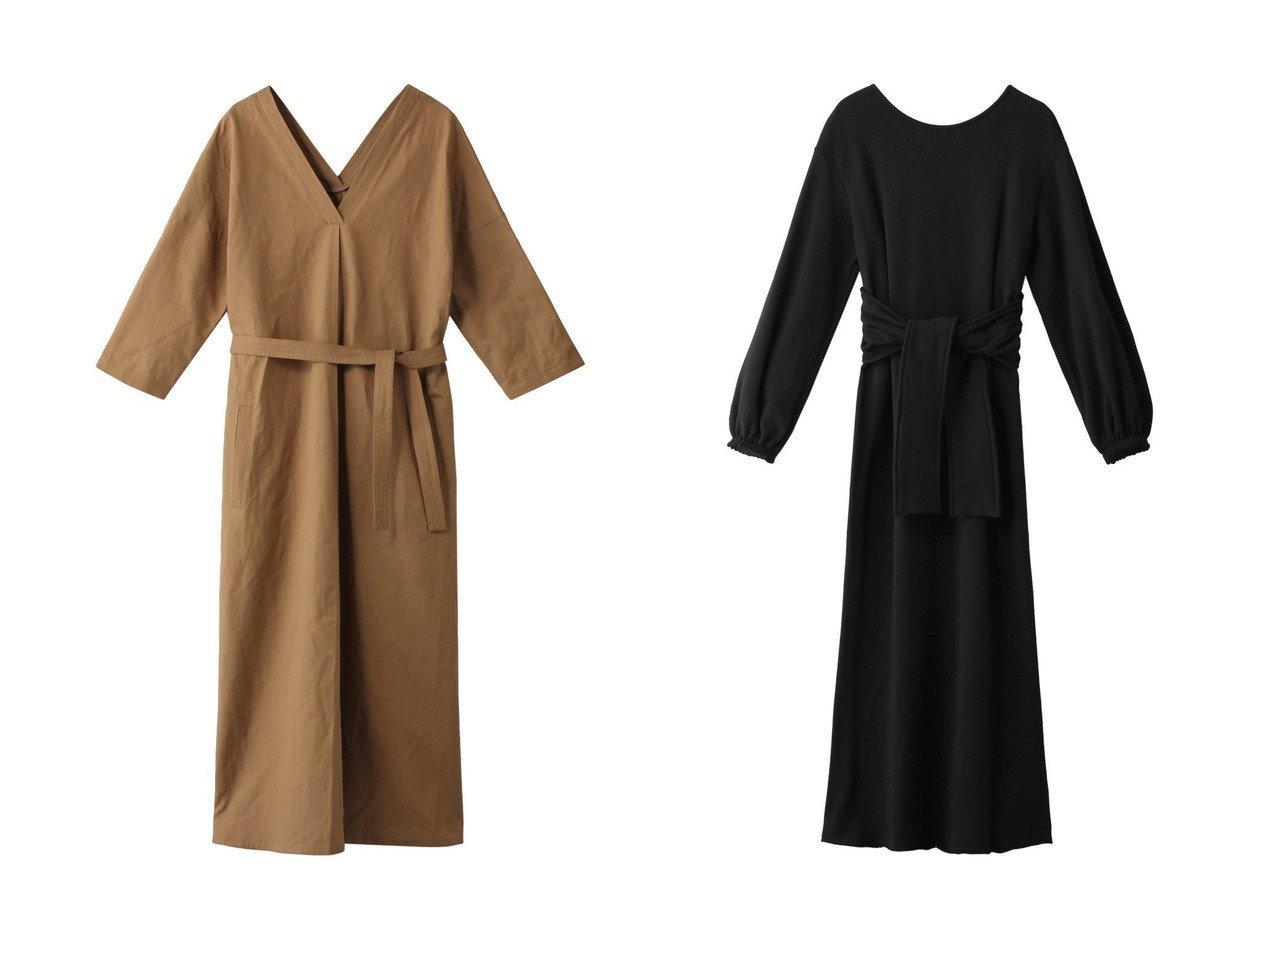 【KALNA/カルナ】の裏毛バックカシュクールワンピース&【PLAIN PEOPLE/プレインピープル】のコットンリネンクロスウエストベルト付きワンピース ワンピース・ドレスのおすすめ!人気、トレンド・レディースファッションの通販  おすすめで人気の流行・トレンド、ファッションの通販商品 メンズファッション・キッズファッション・インテリア・家具・レディースファッション・服の通販 founy(ファニー) https://founy.com/ ファッション Fashion レディースファッション WOMEN ワンピース Dress ベルト Belts 2021年 2021 2021 春夏 S/S SS Spring/Summer 2021 S/S 春夏 SS Spring/Summer キャミソール スタイリッシュ トレンド フロント リネン レース 春 Spring |ID:crp329100000025118